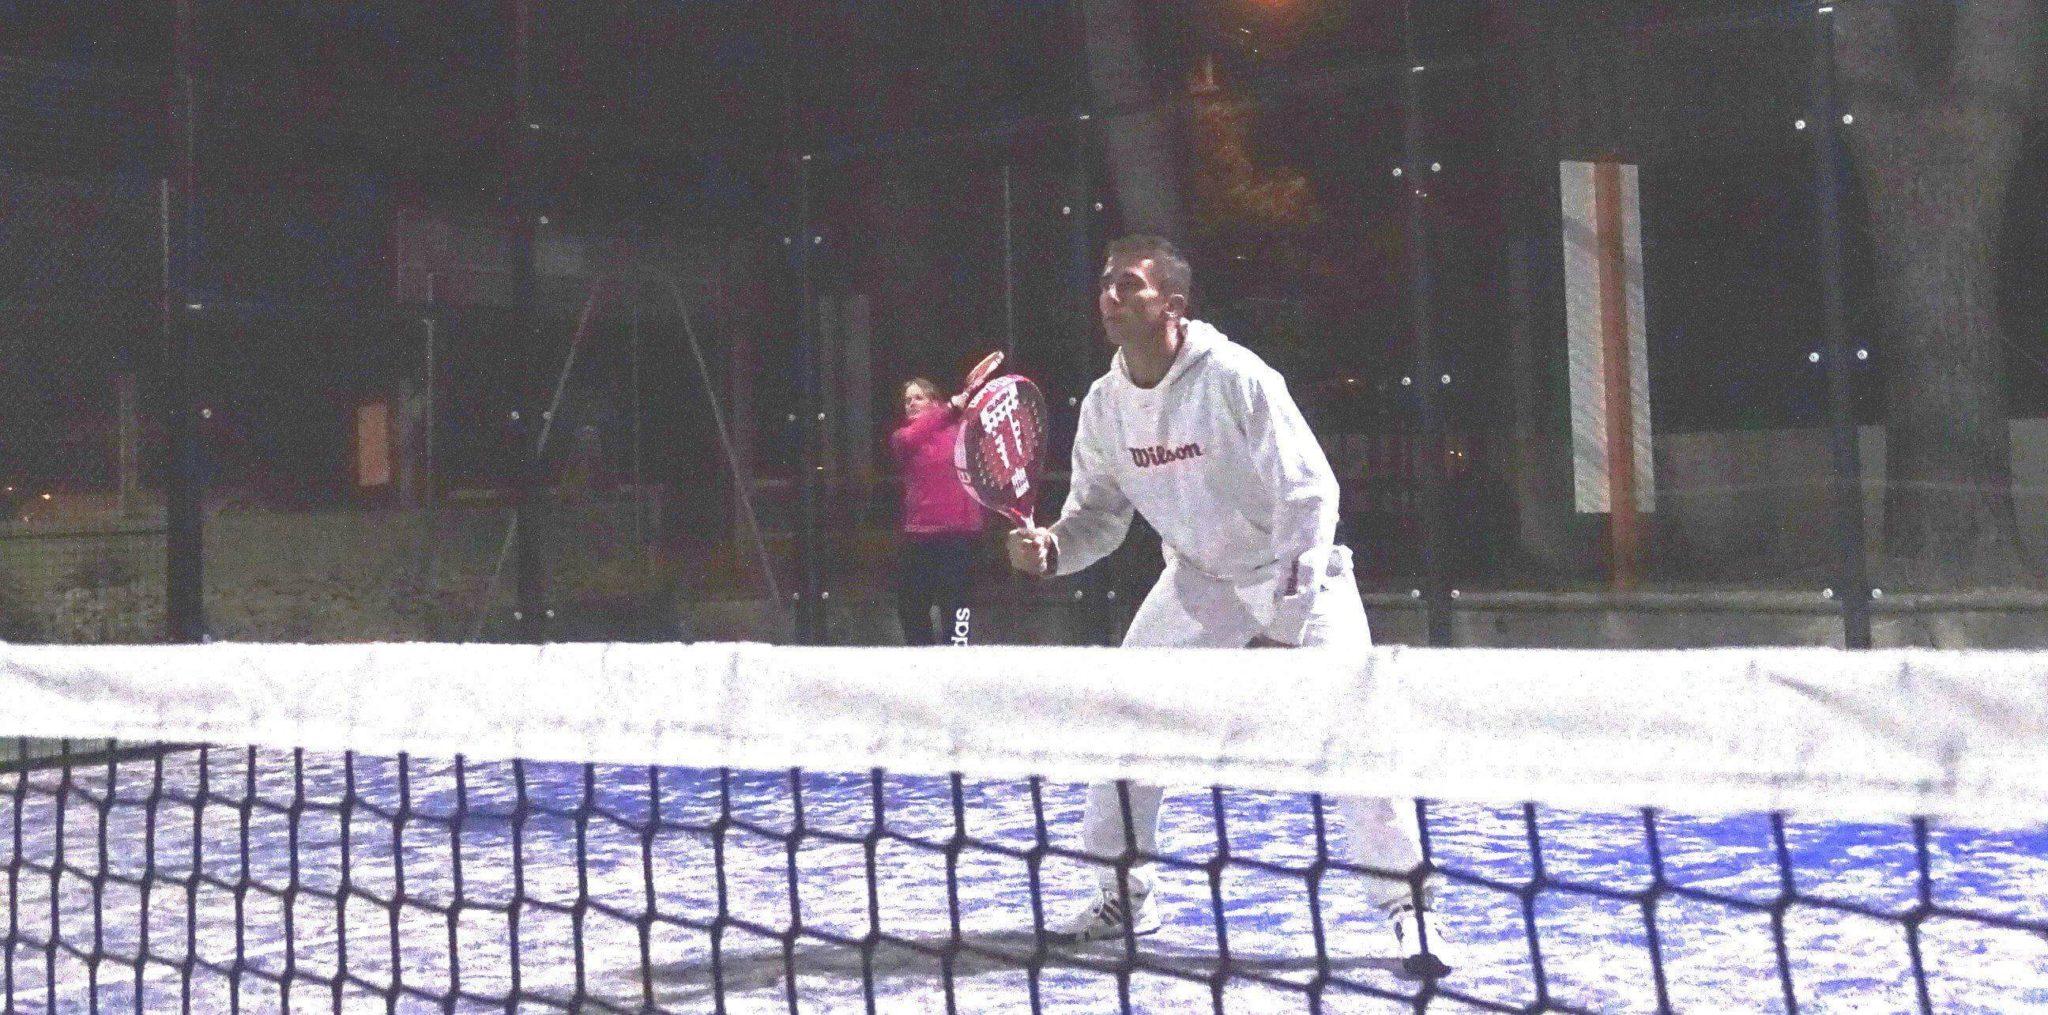 A Nîmes, il padel si espande al Tennis Club Forever Nîmes - Padel